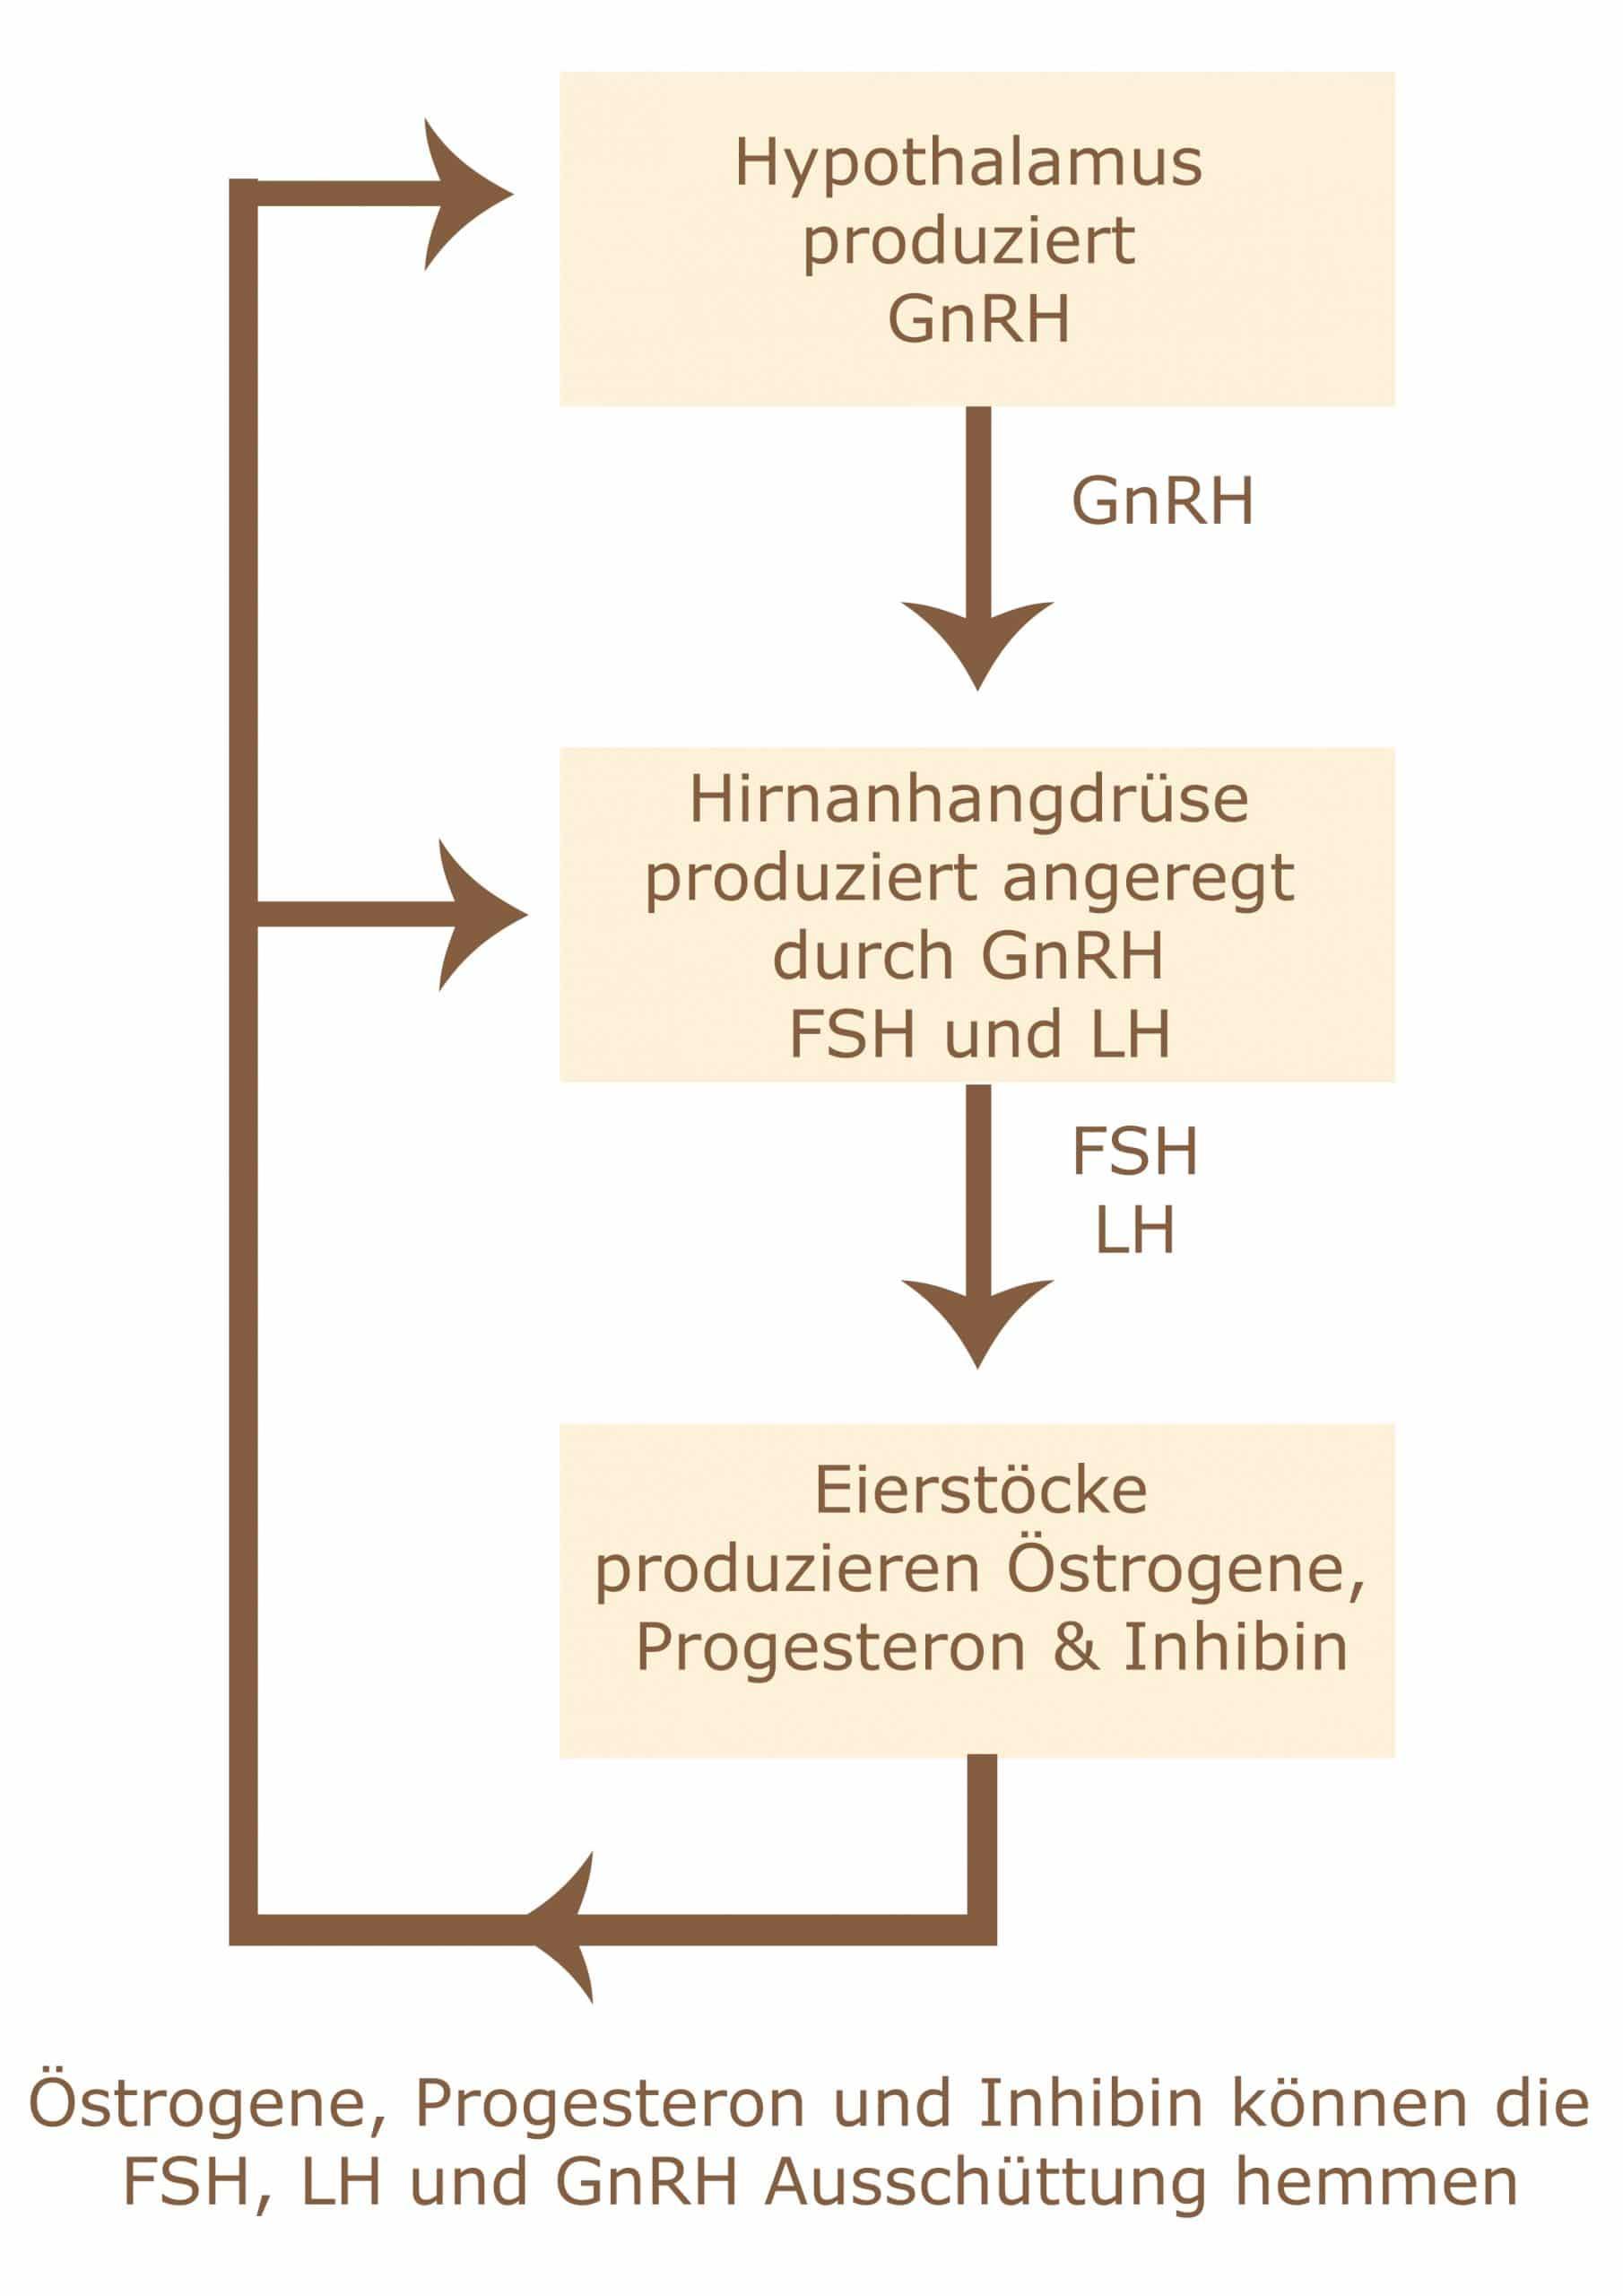 hormonregulation scaled - Läufigkeit und Hitze der Hündin